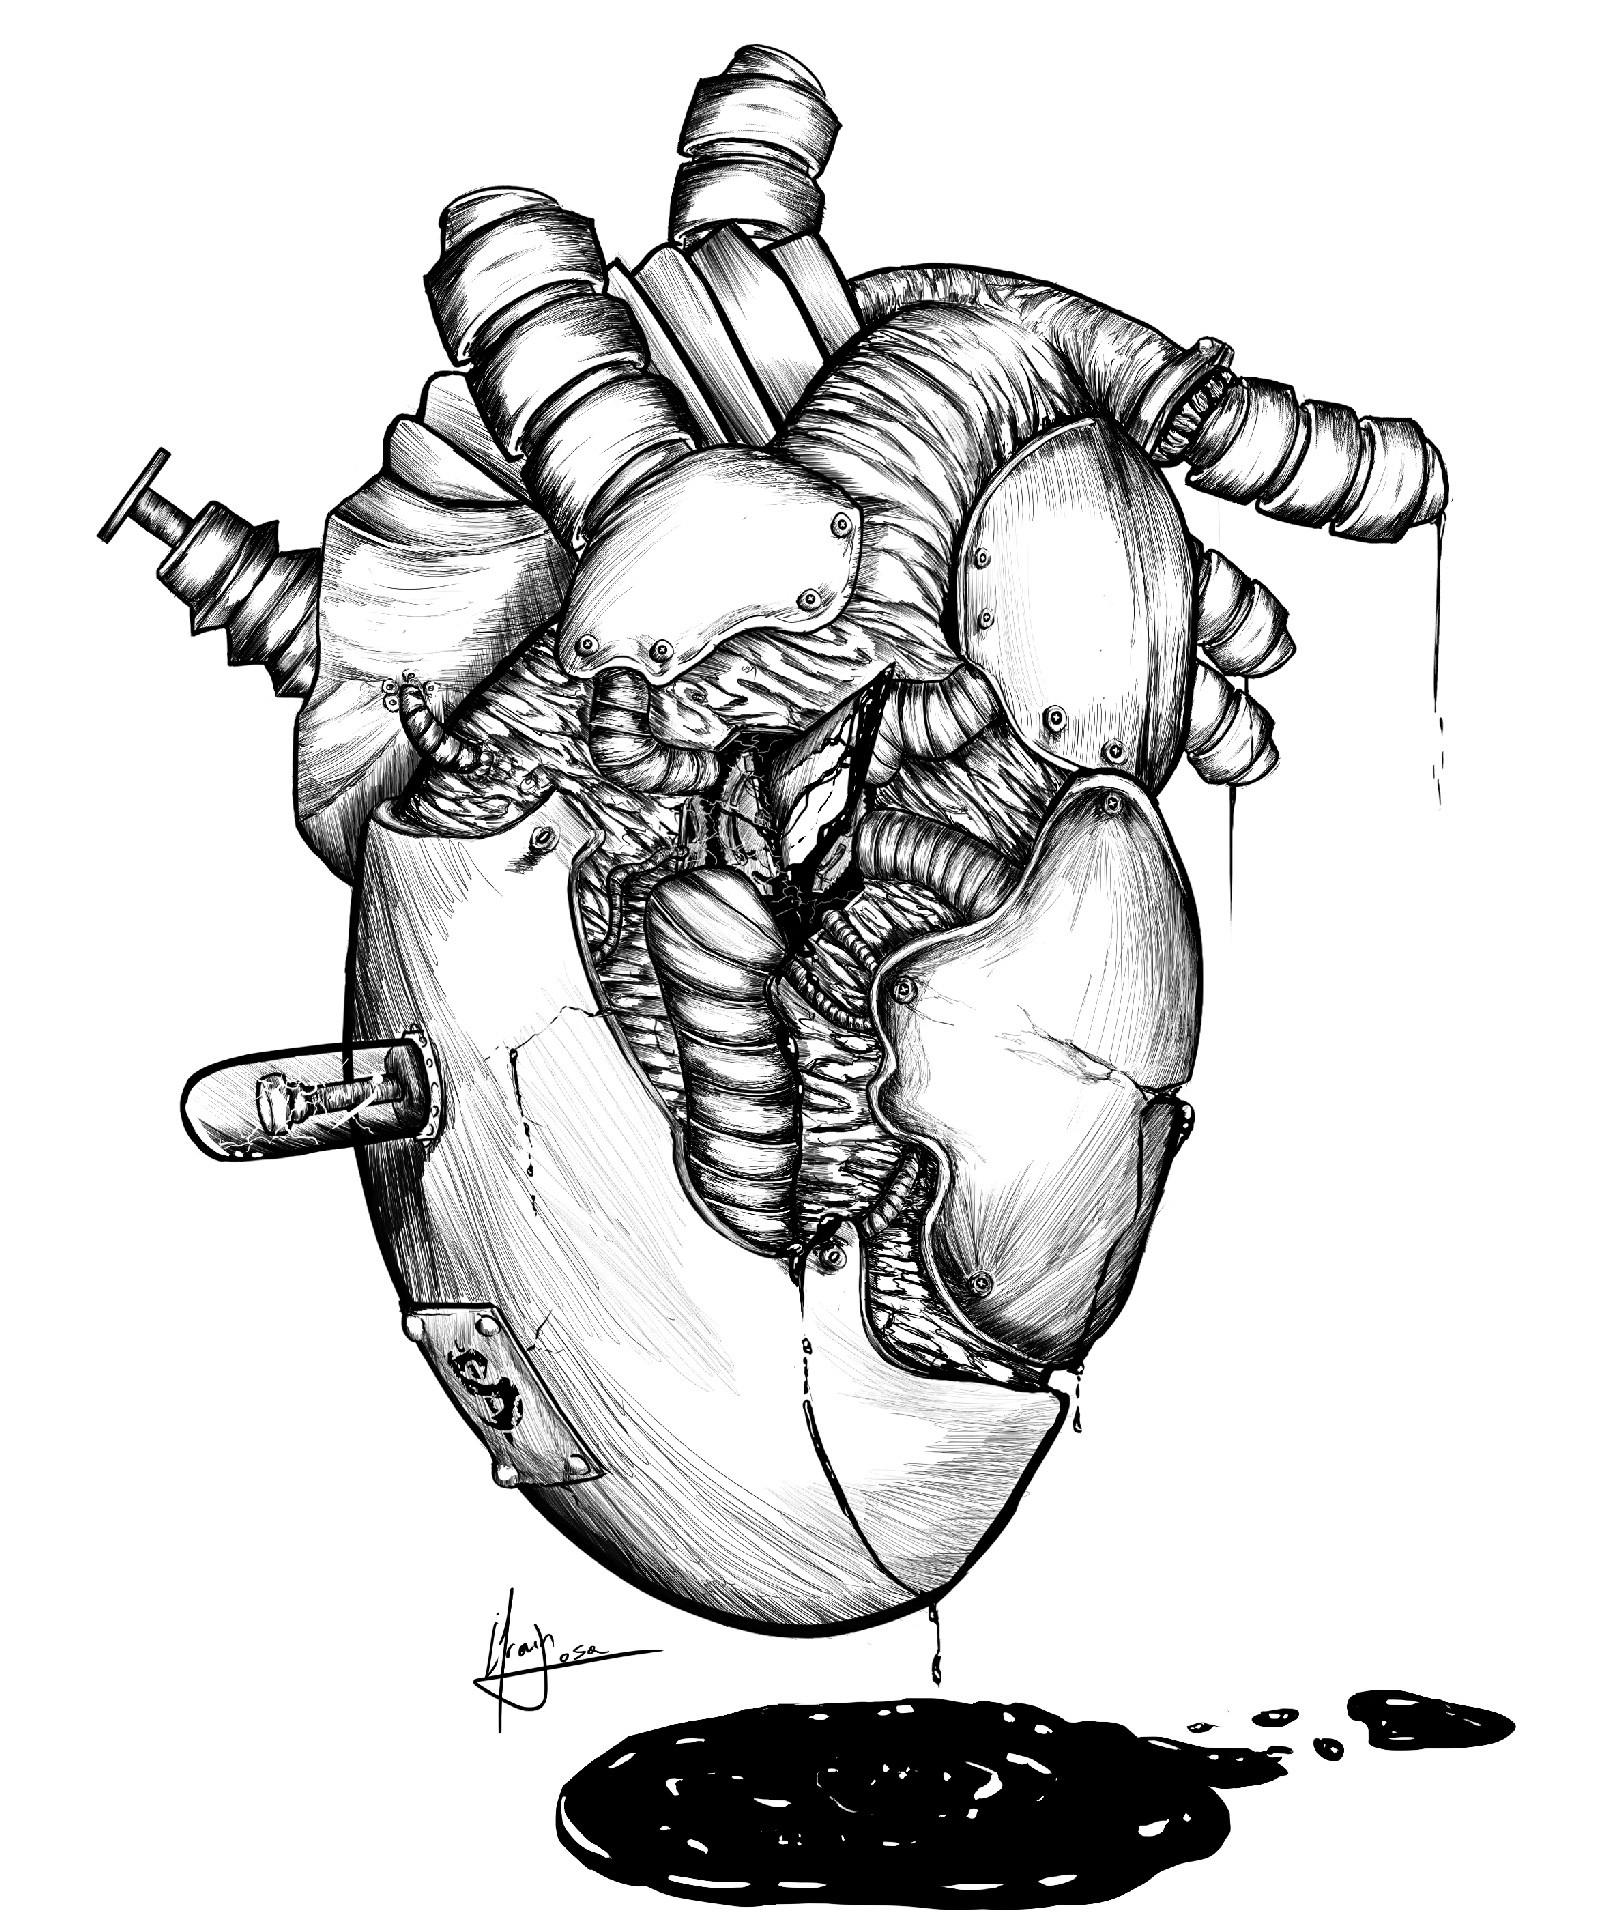 Efrain sosa corazon de hierro